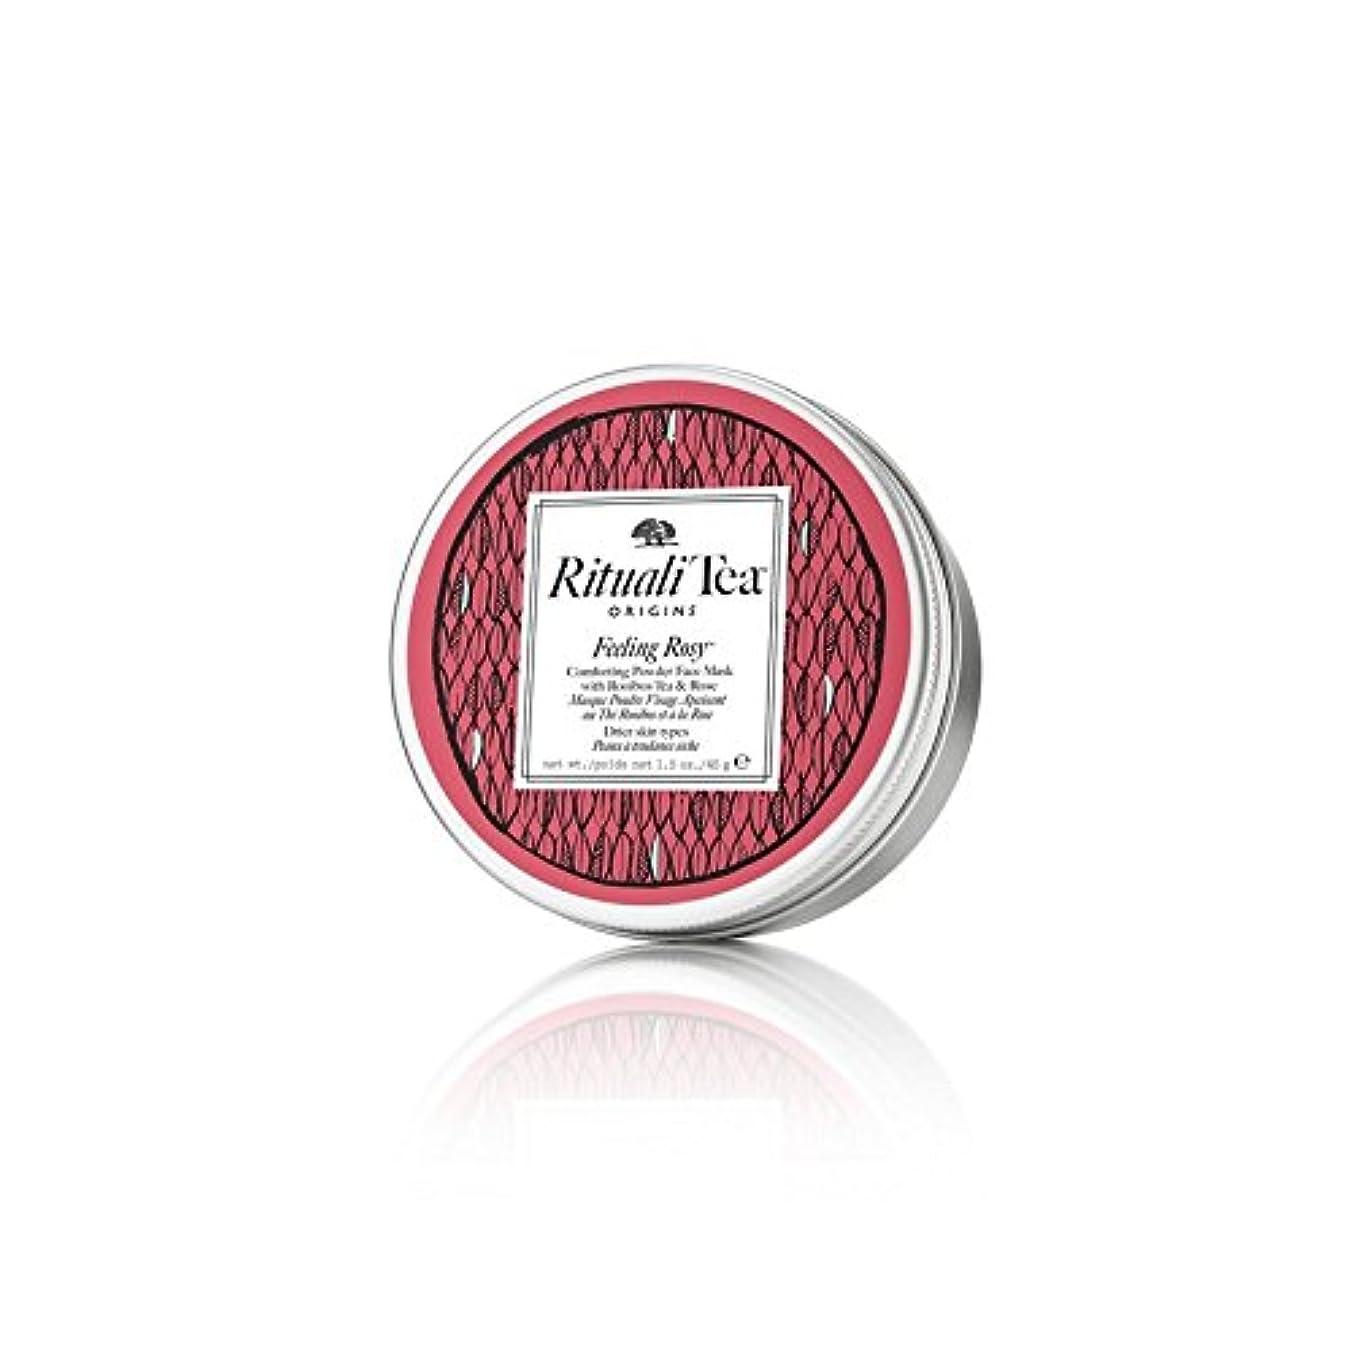 わかる所有権のためにOrigins Powdered Tea Face Mask Feeling Rosy 45g - バラ色の45グラムを感じ起源抹茶のフェイスマスク [並行輸入品]